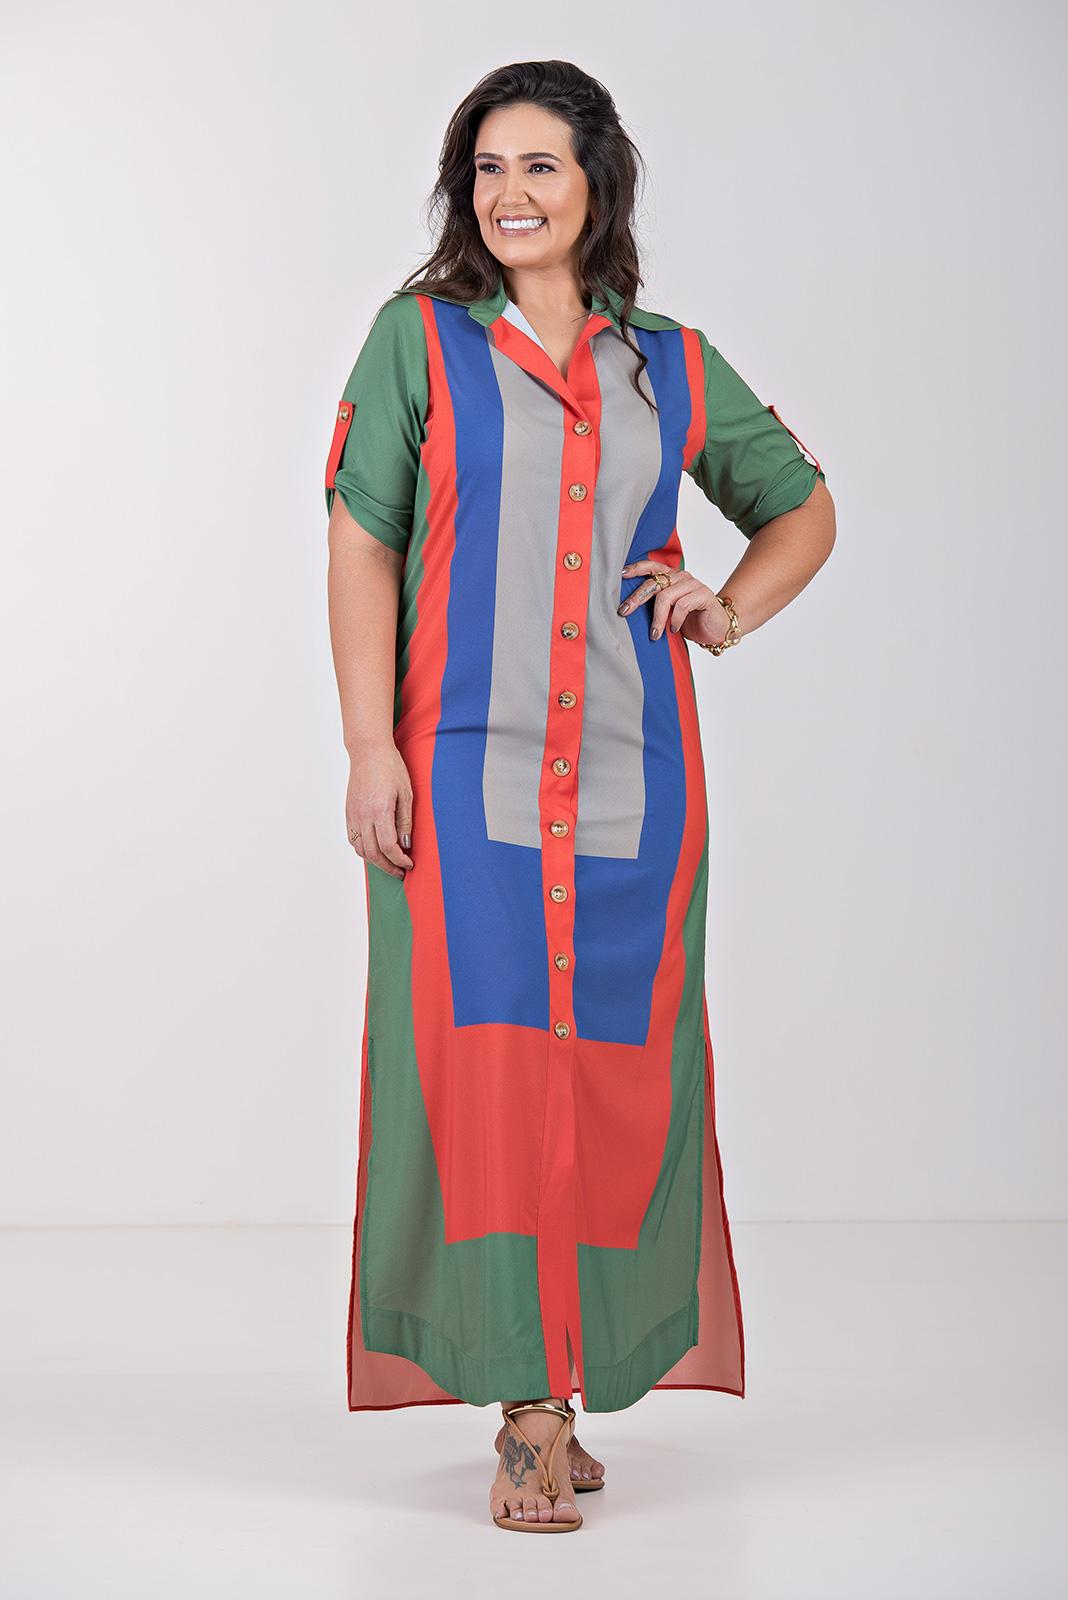 Vestido Chemisie c/ Manga tricolor- Plus Size